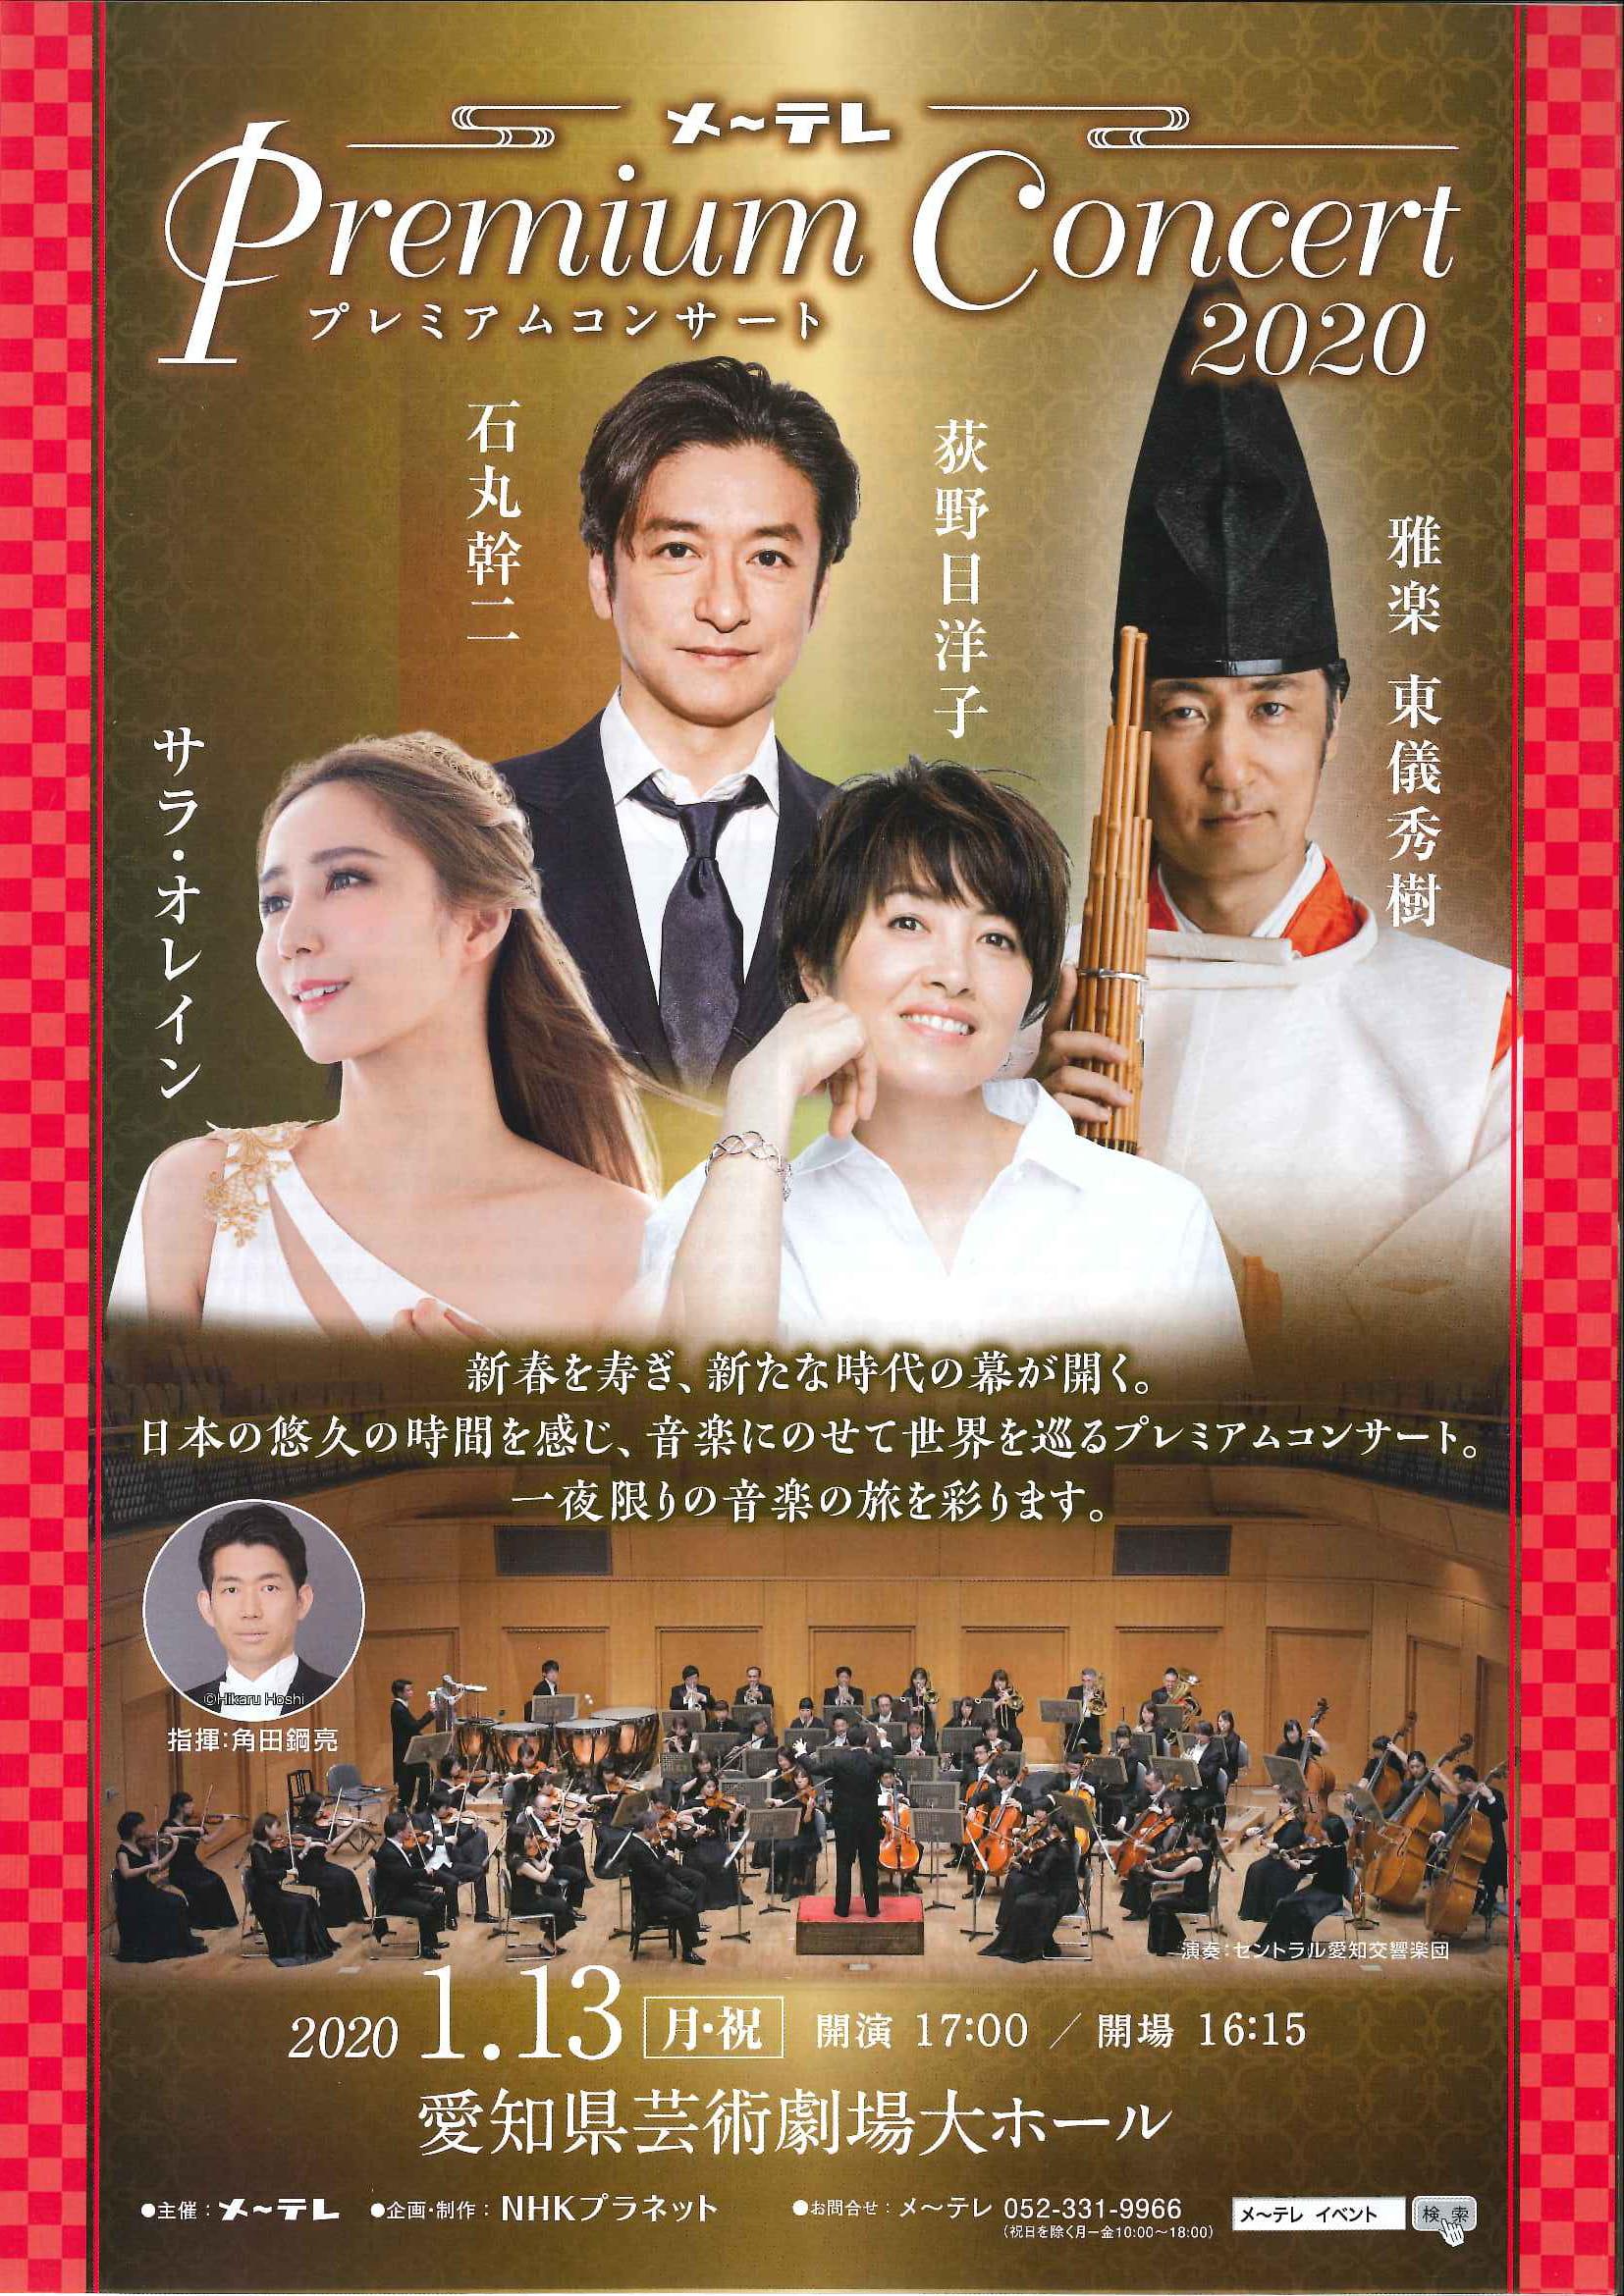 メ~テレ Premium Concert 2020